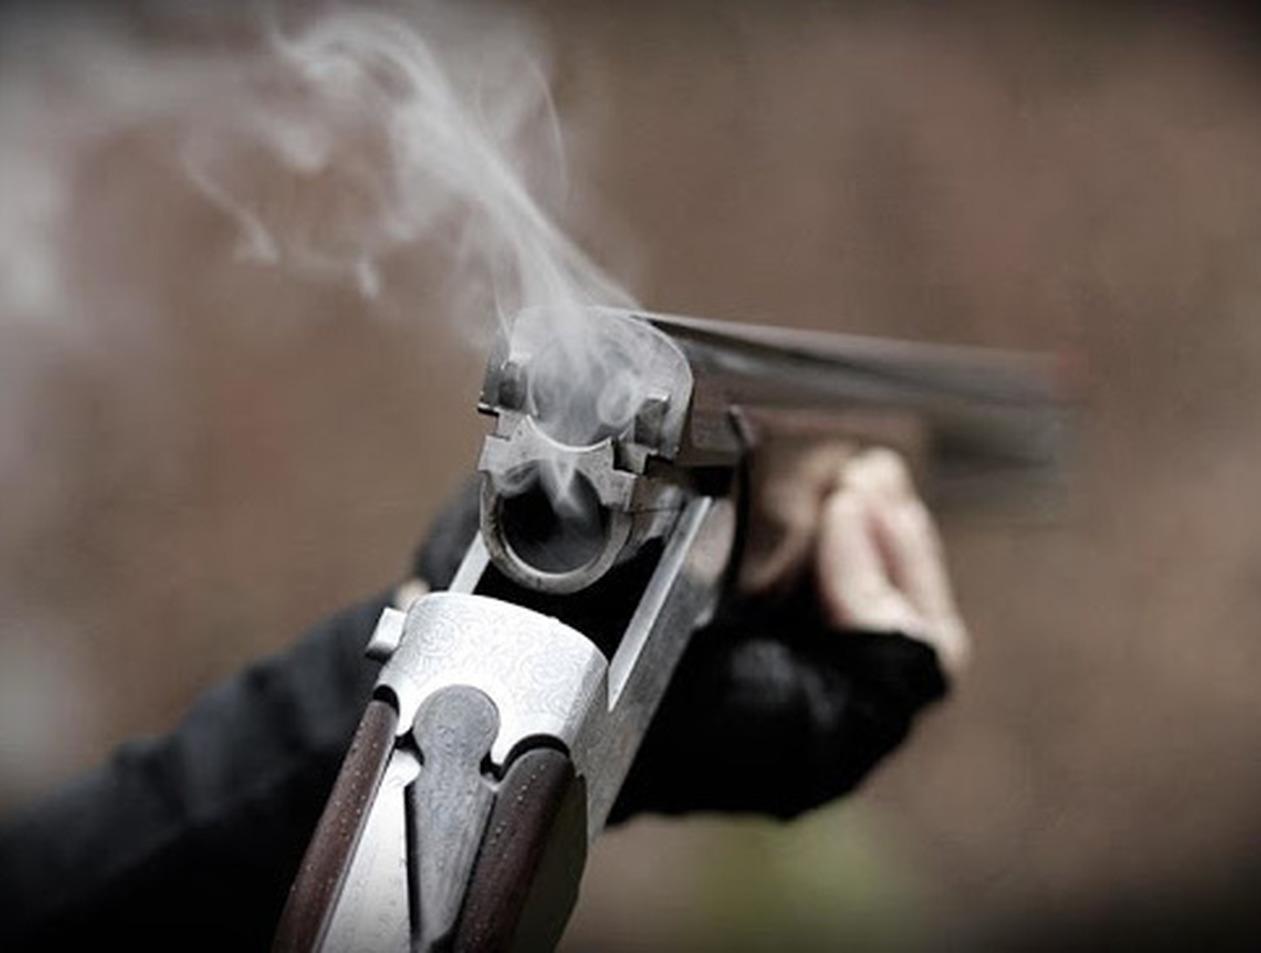 Семью чиновника из столичной управы застрели в доме в Подмосковье